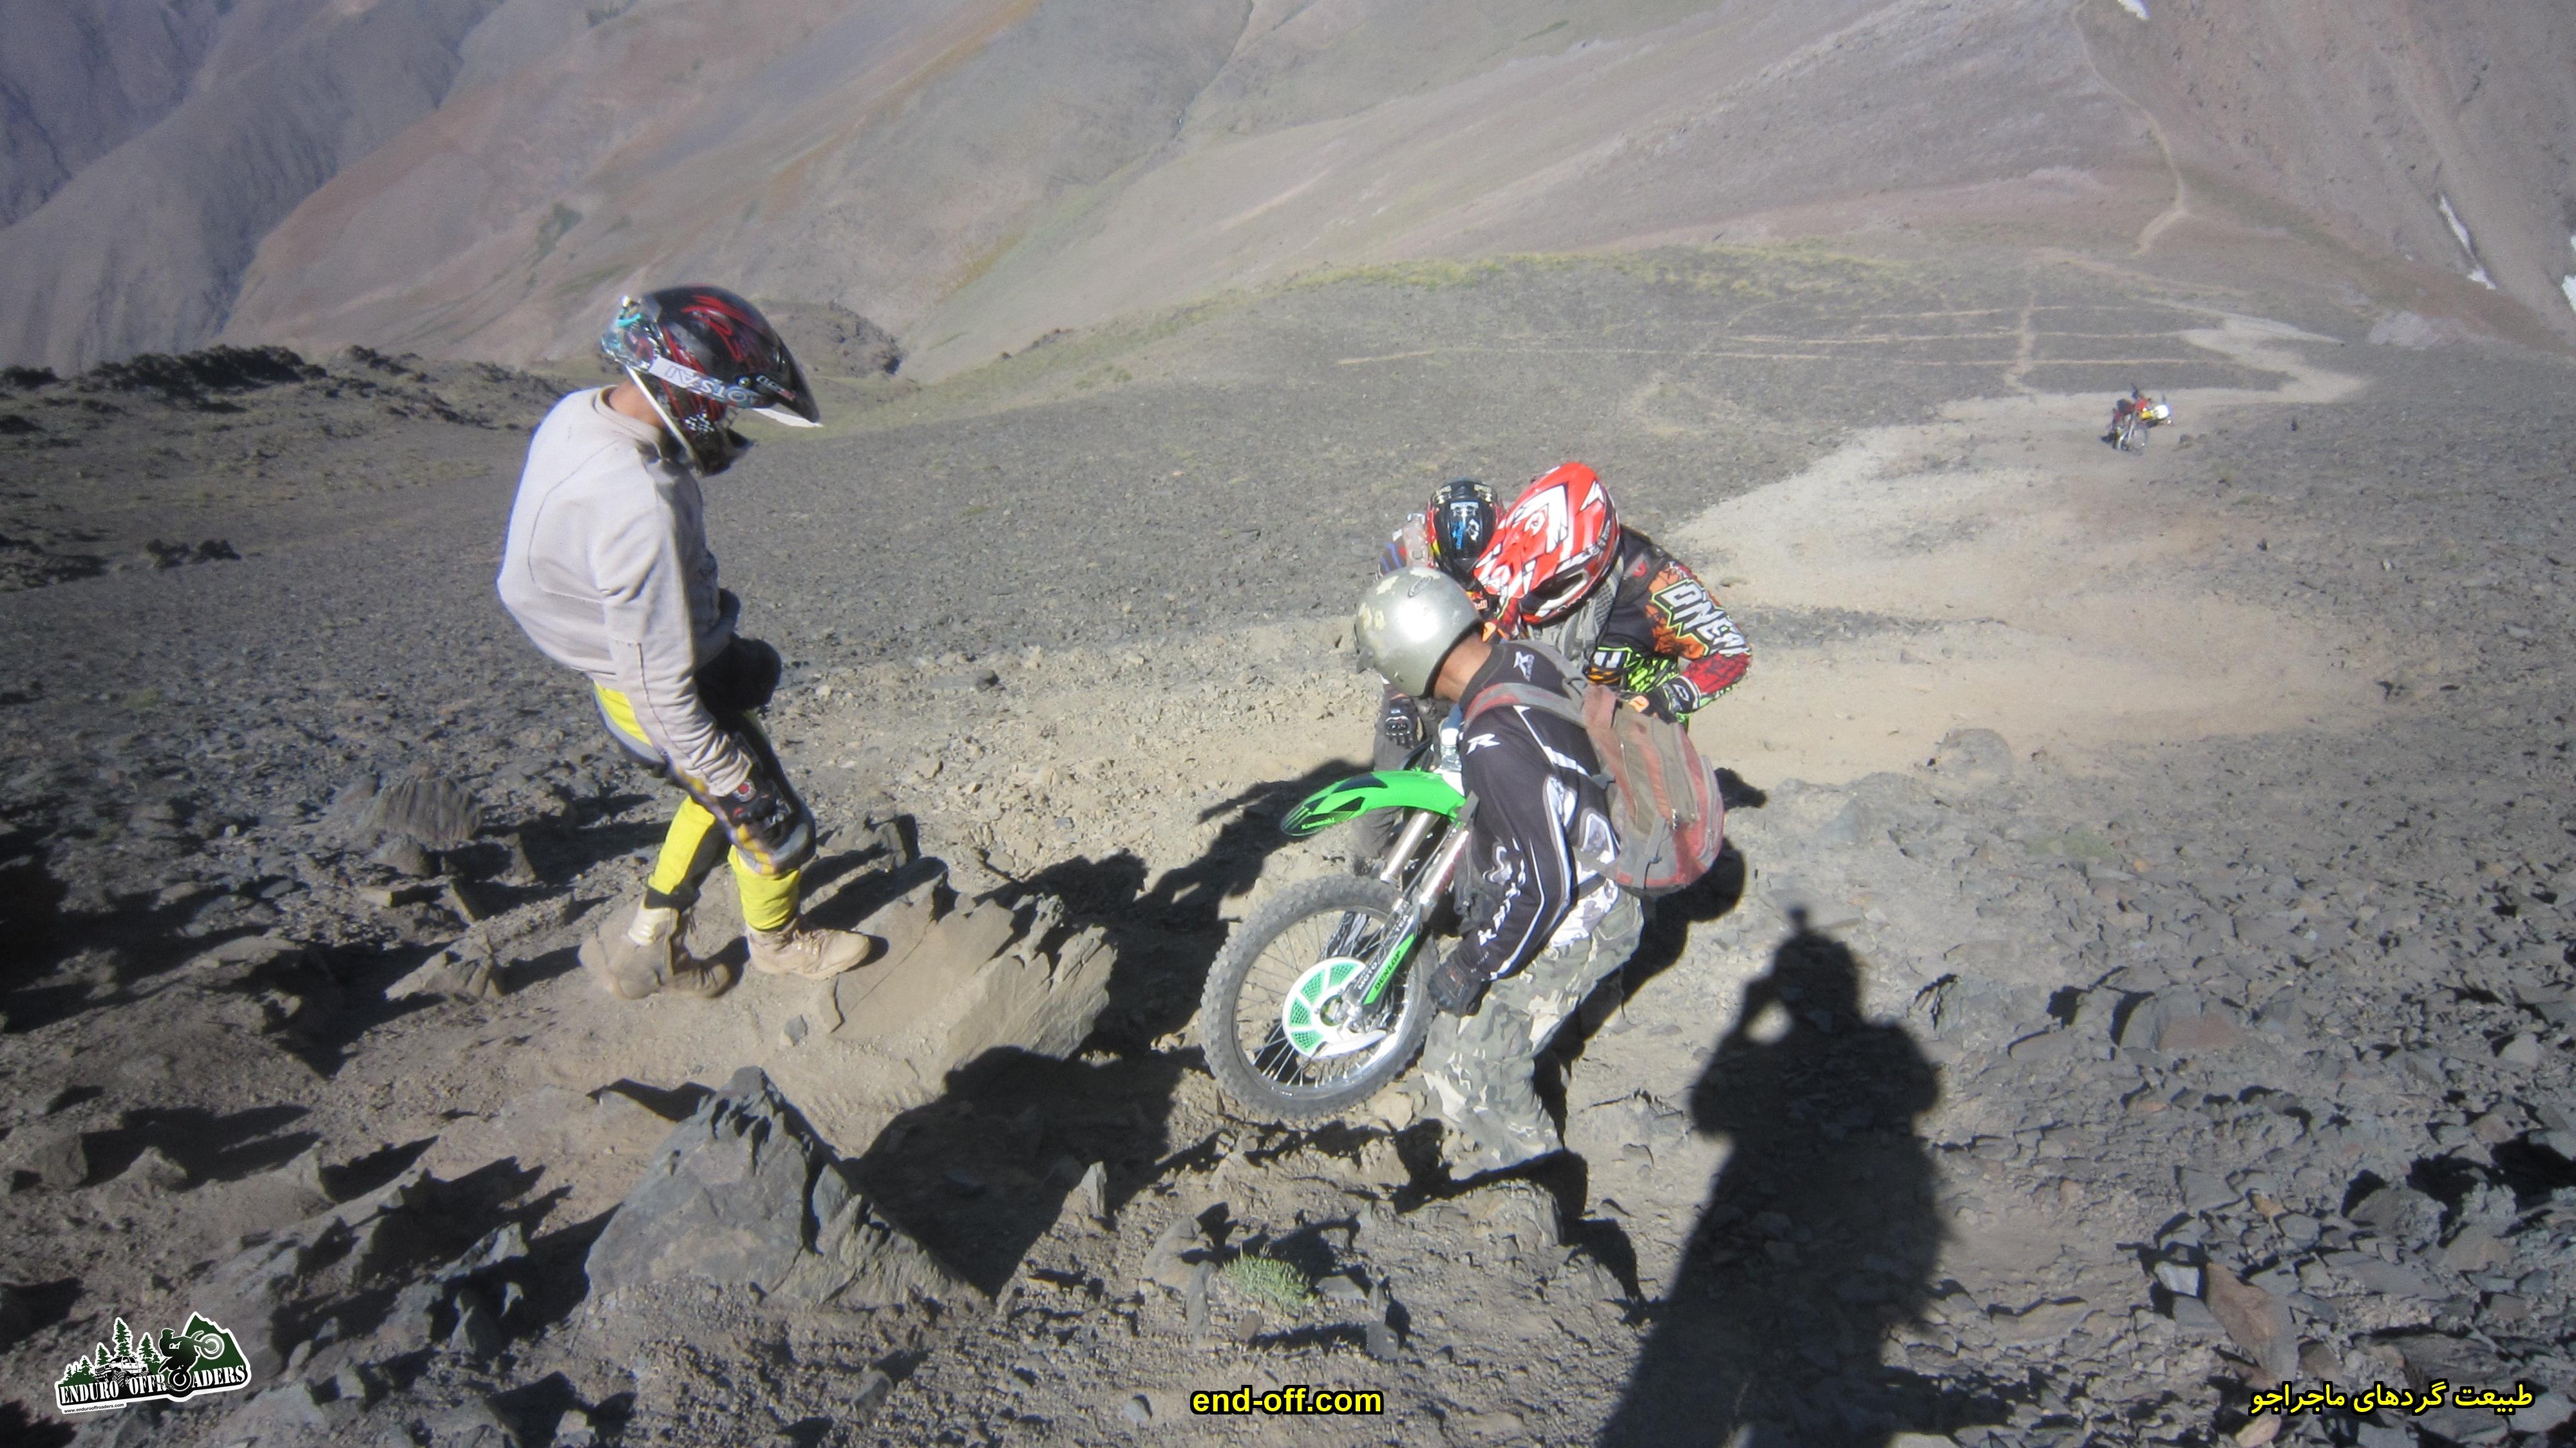 فرزاد قنبری - صعود به قله سیالان با موتور برای اولین بار در ایران - تابستان 1399